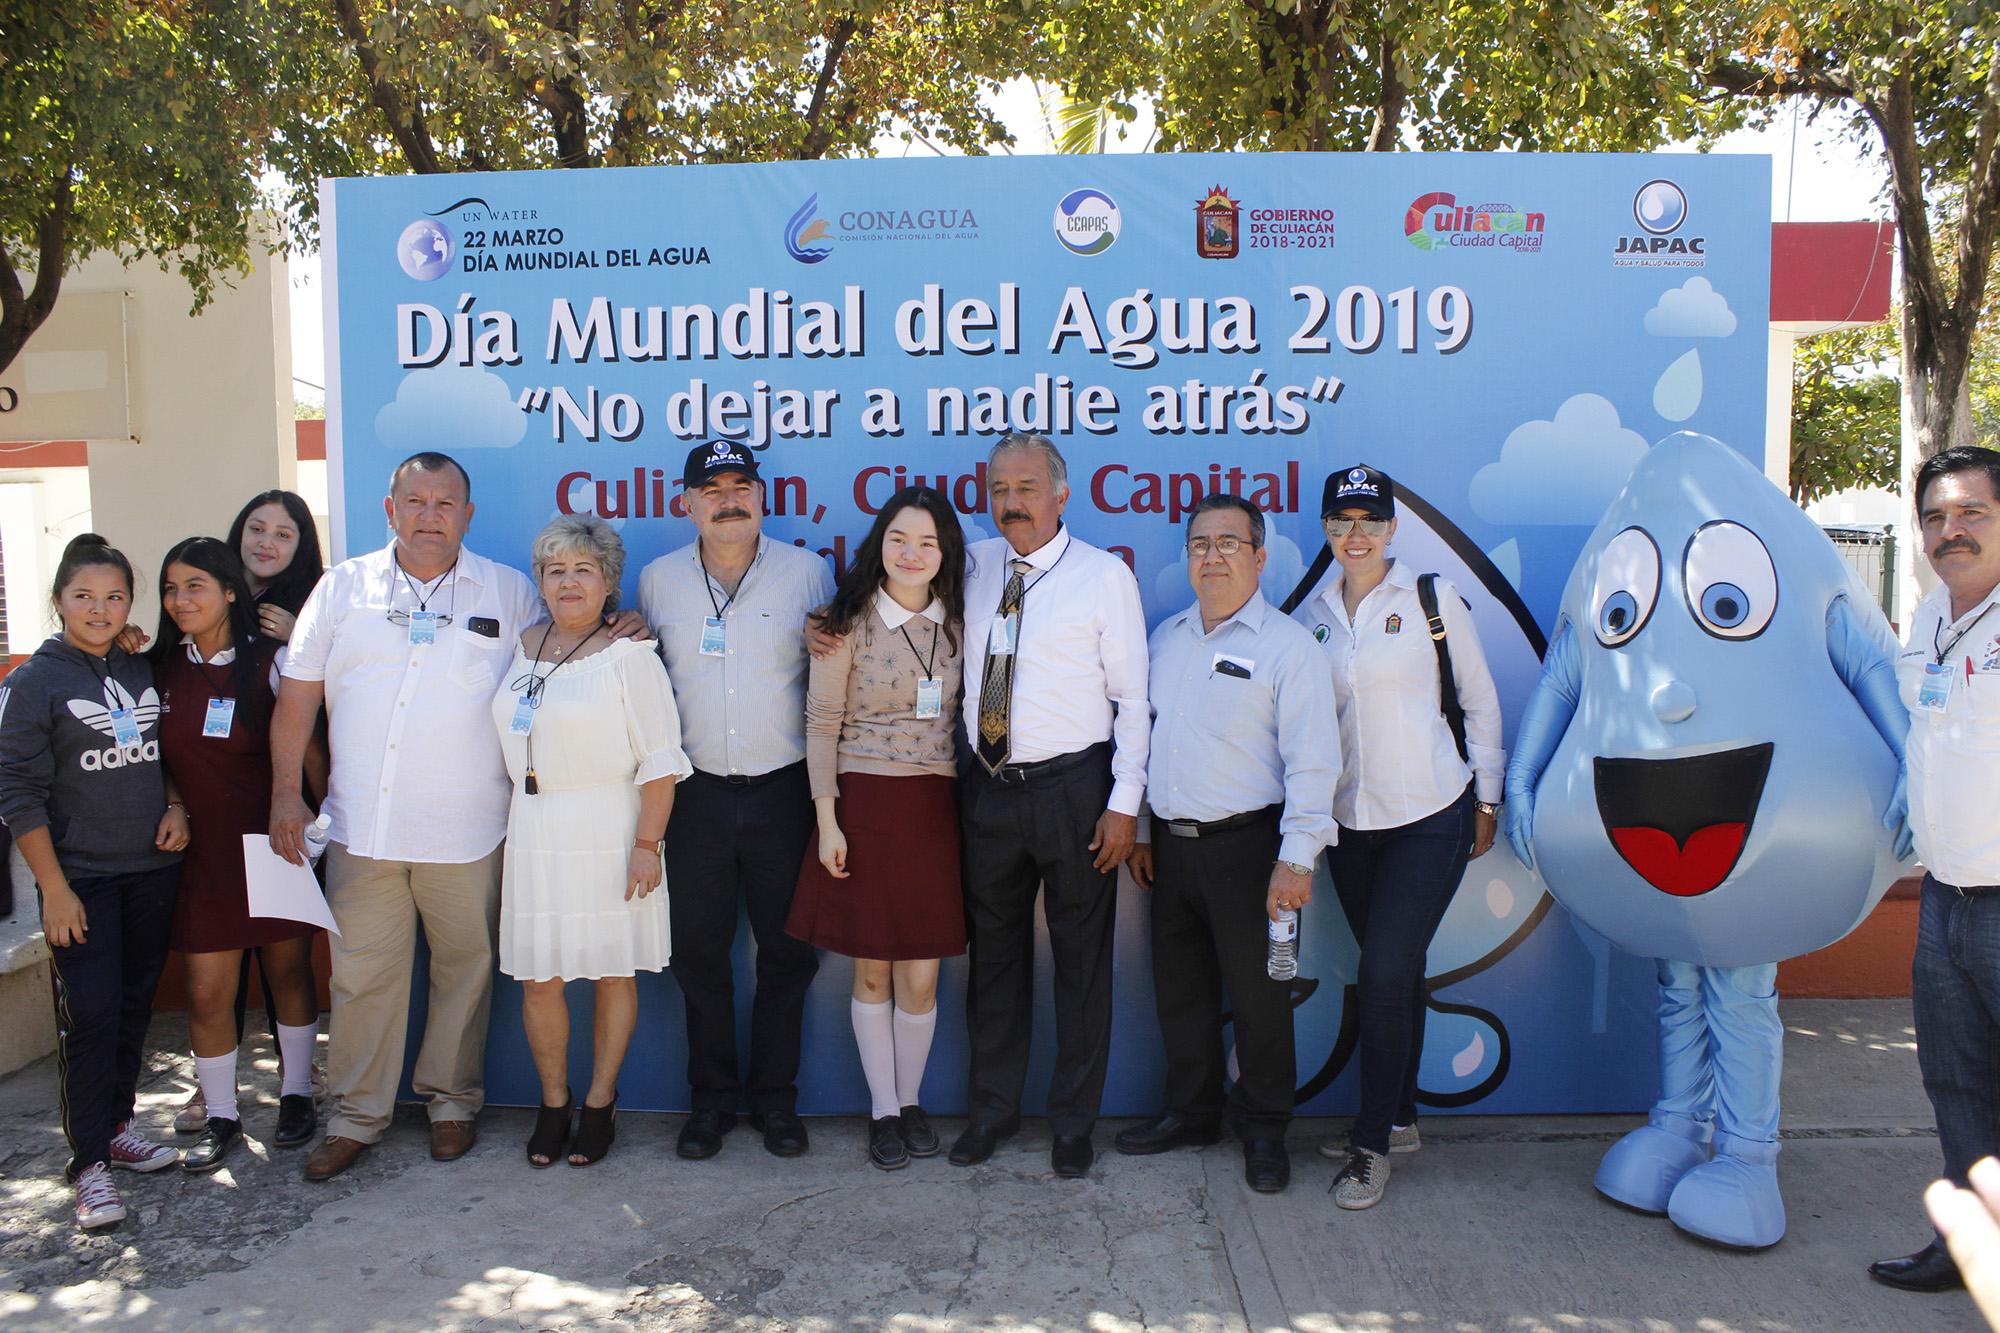 Japac-noticias-dia-mundial-del-agua-07